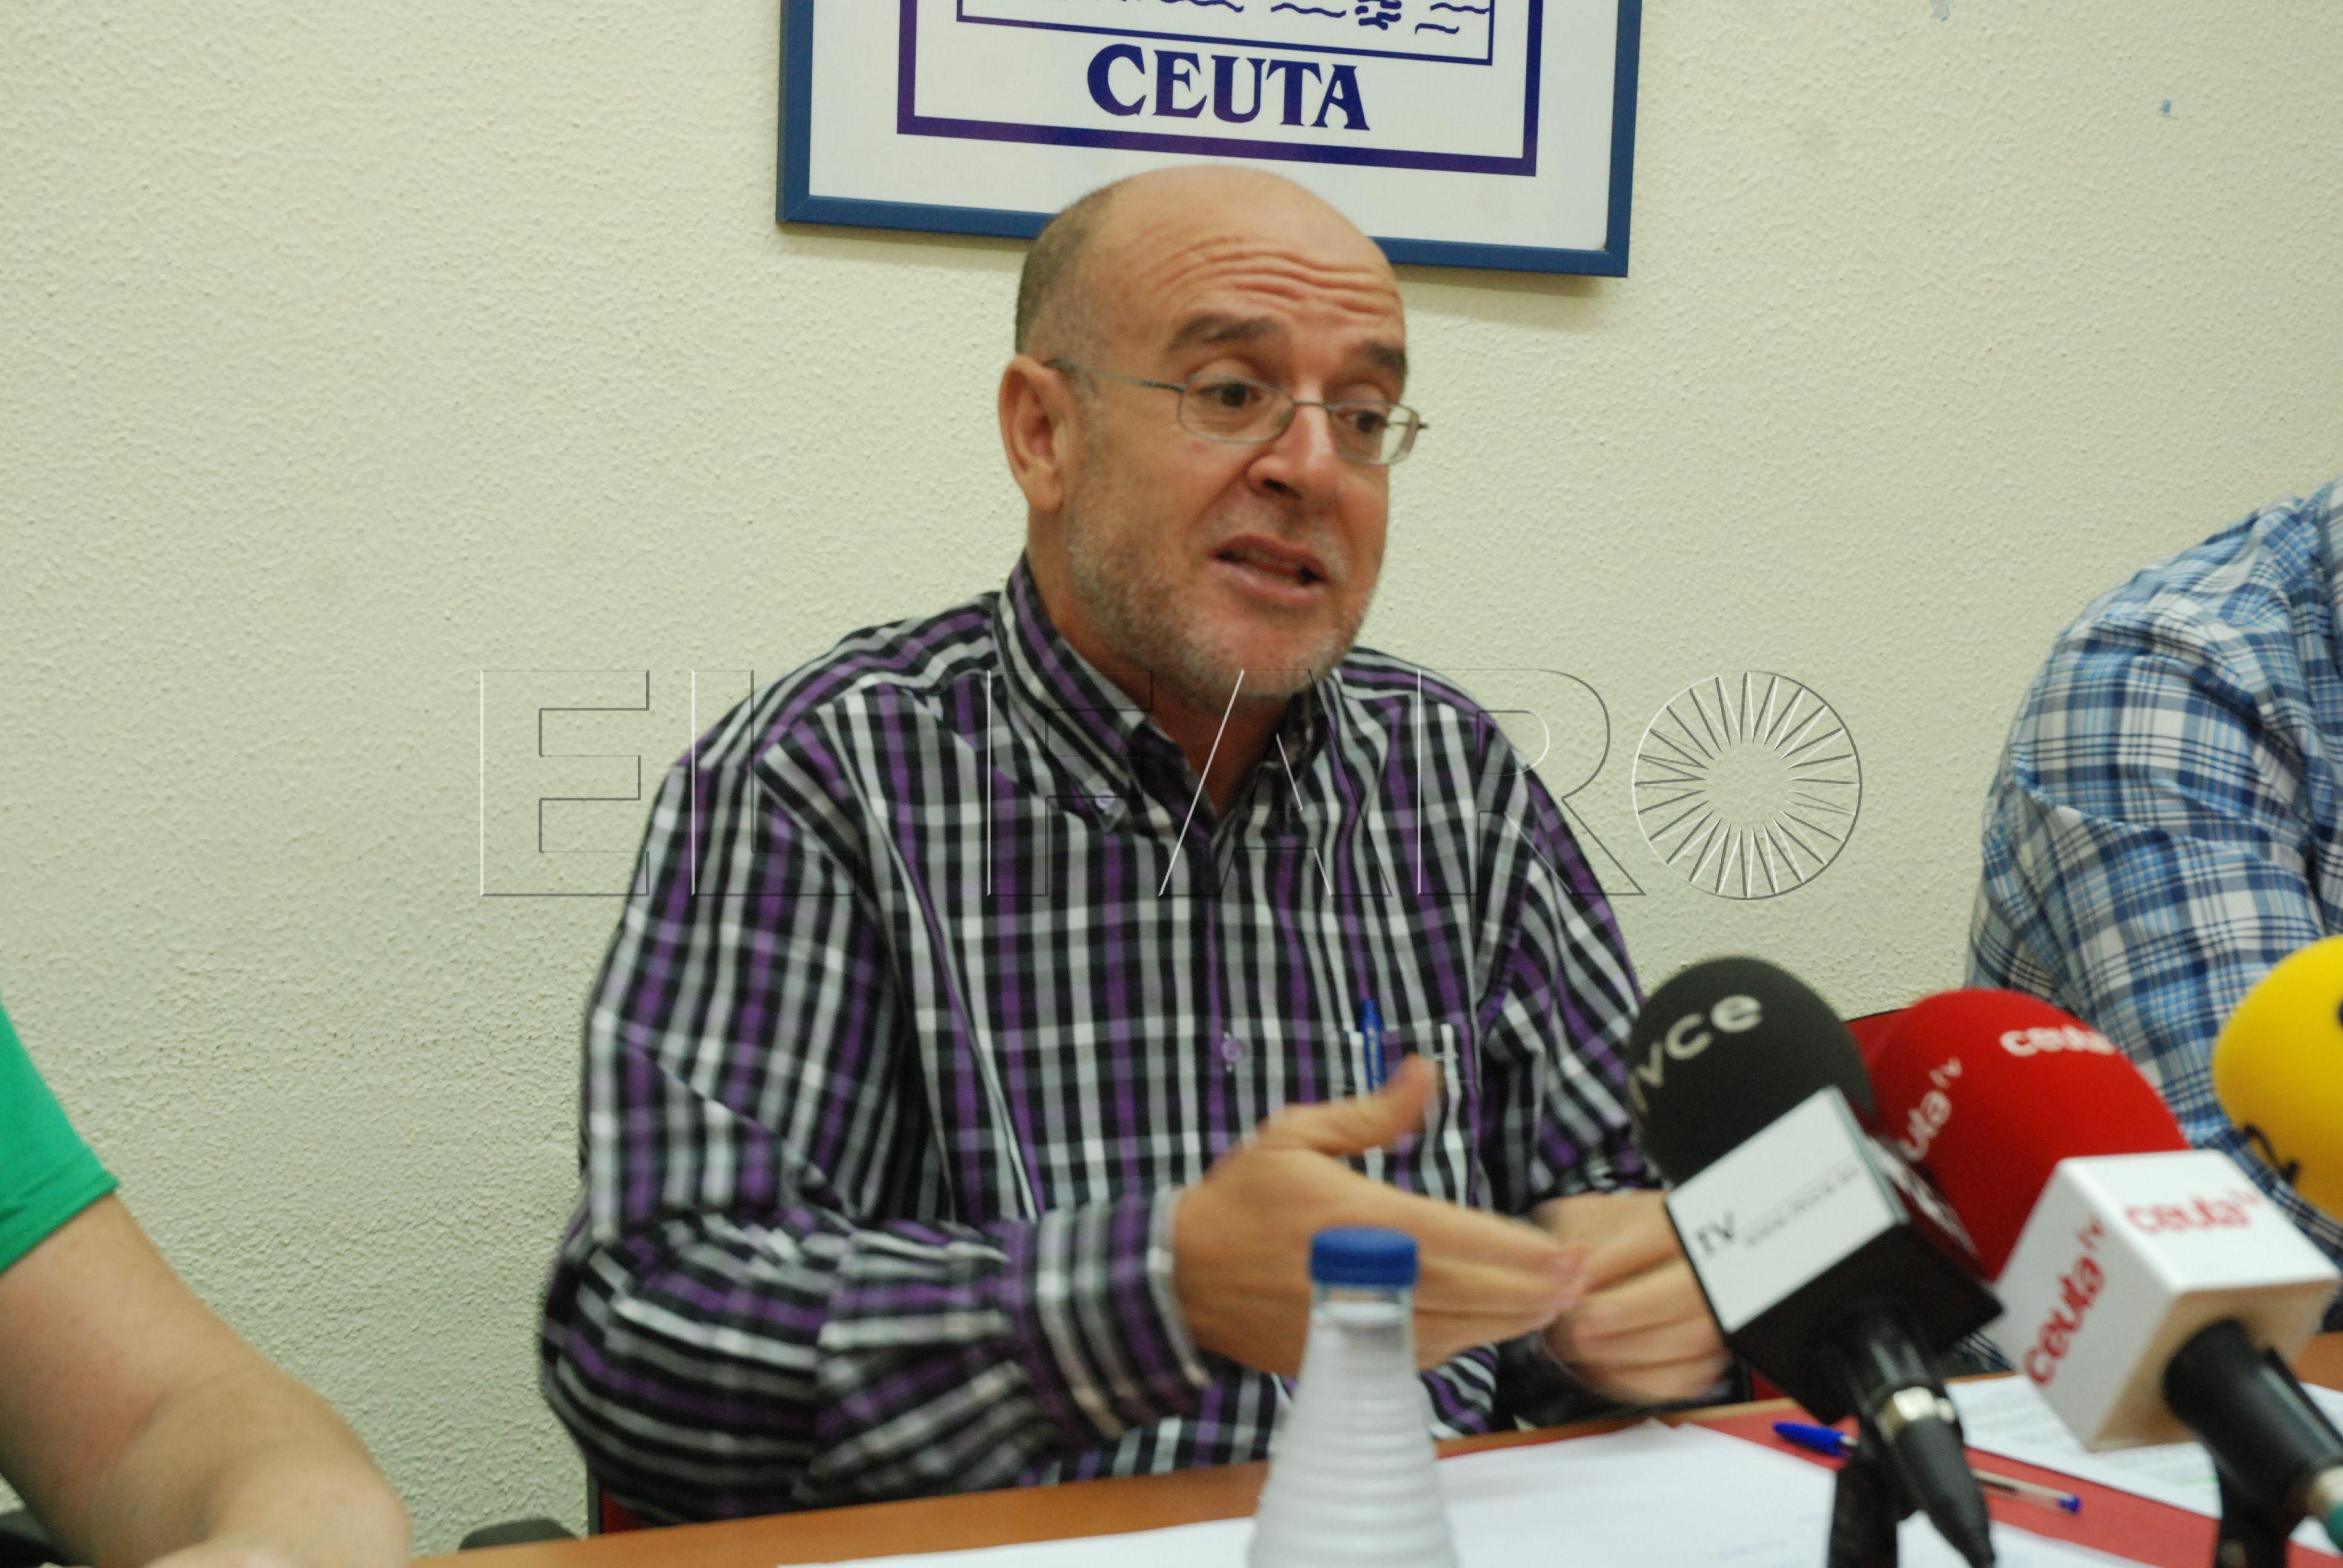 La Fampa confía en que mañana no haya exámenes por la huelga en Educación